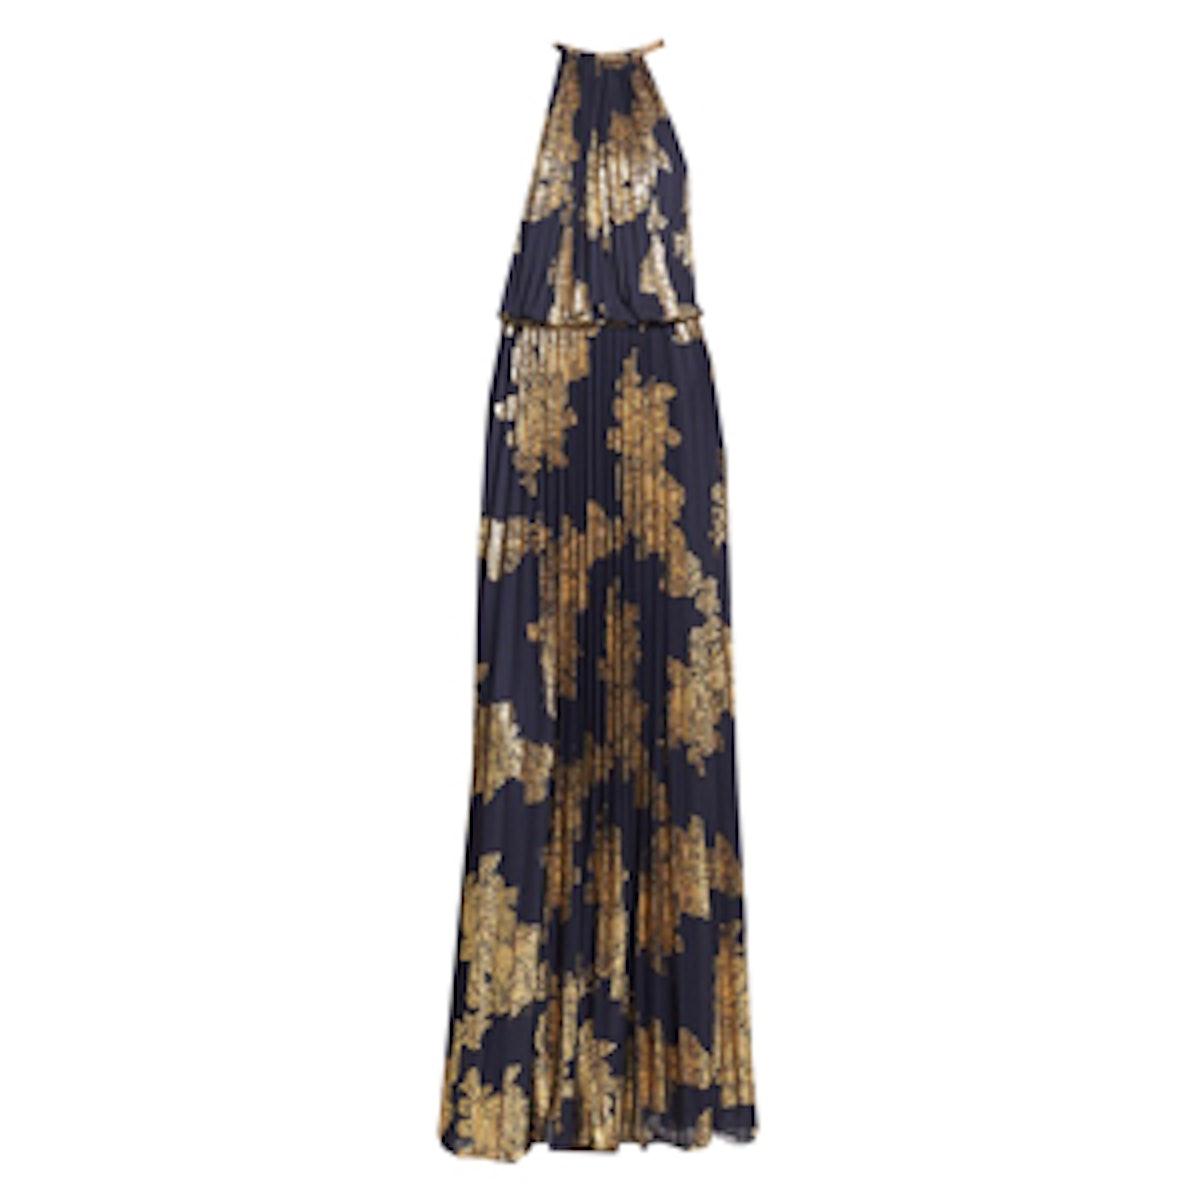 Foiled Blouson Gown